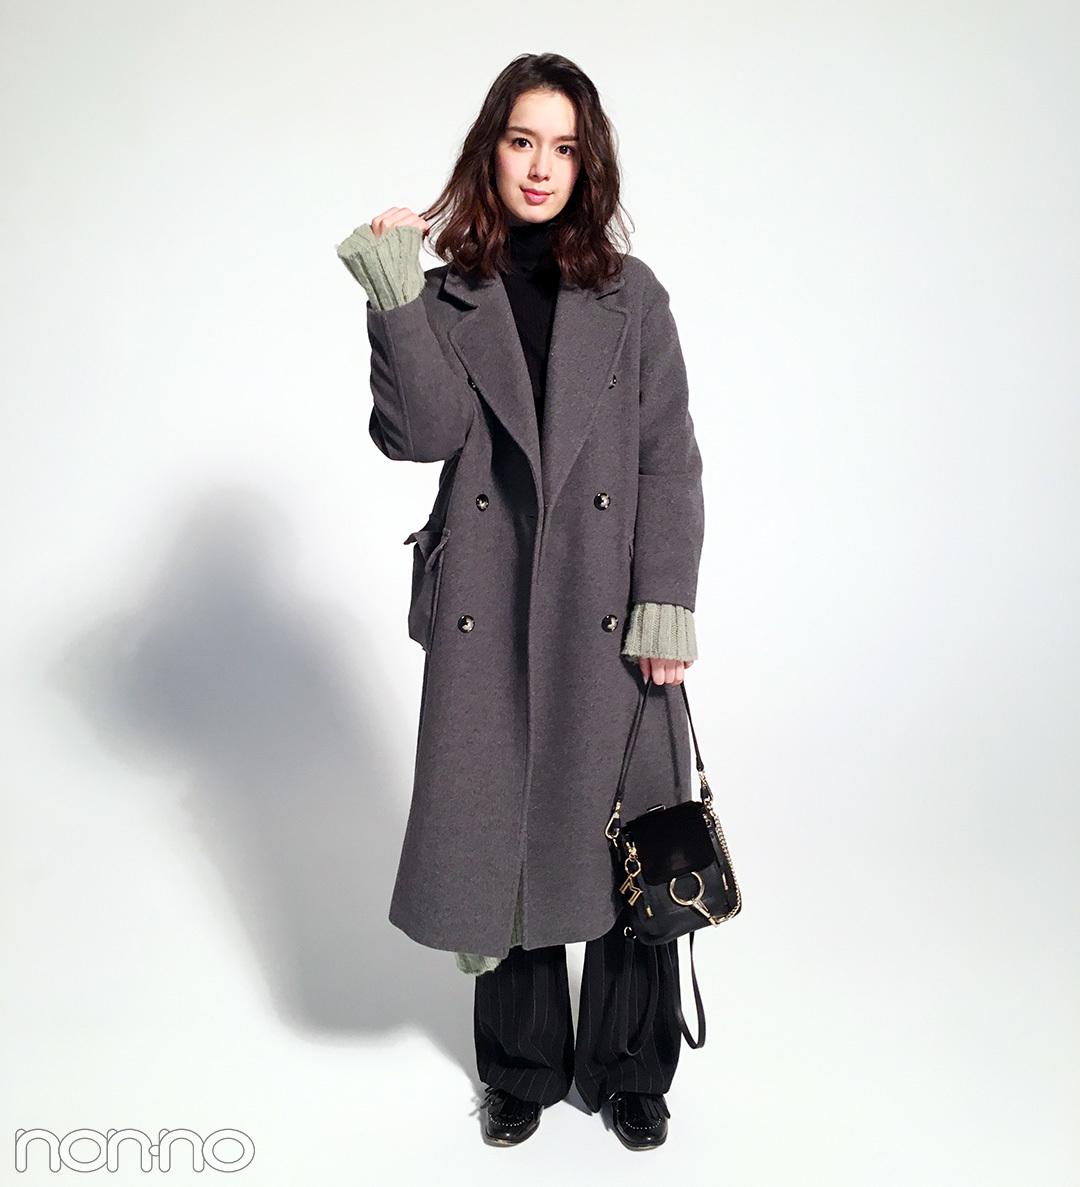 ノンノモデル佐谷戸ミナの私服